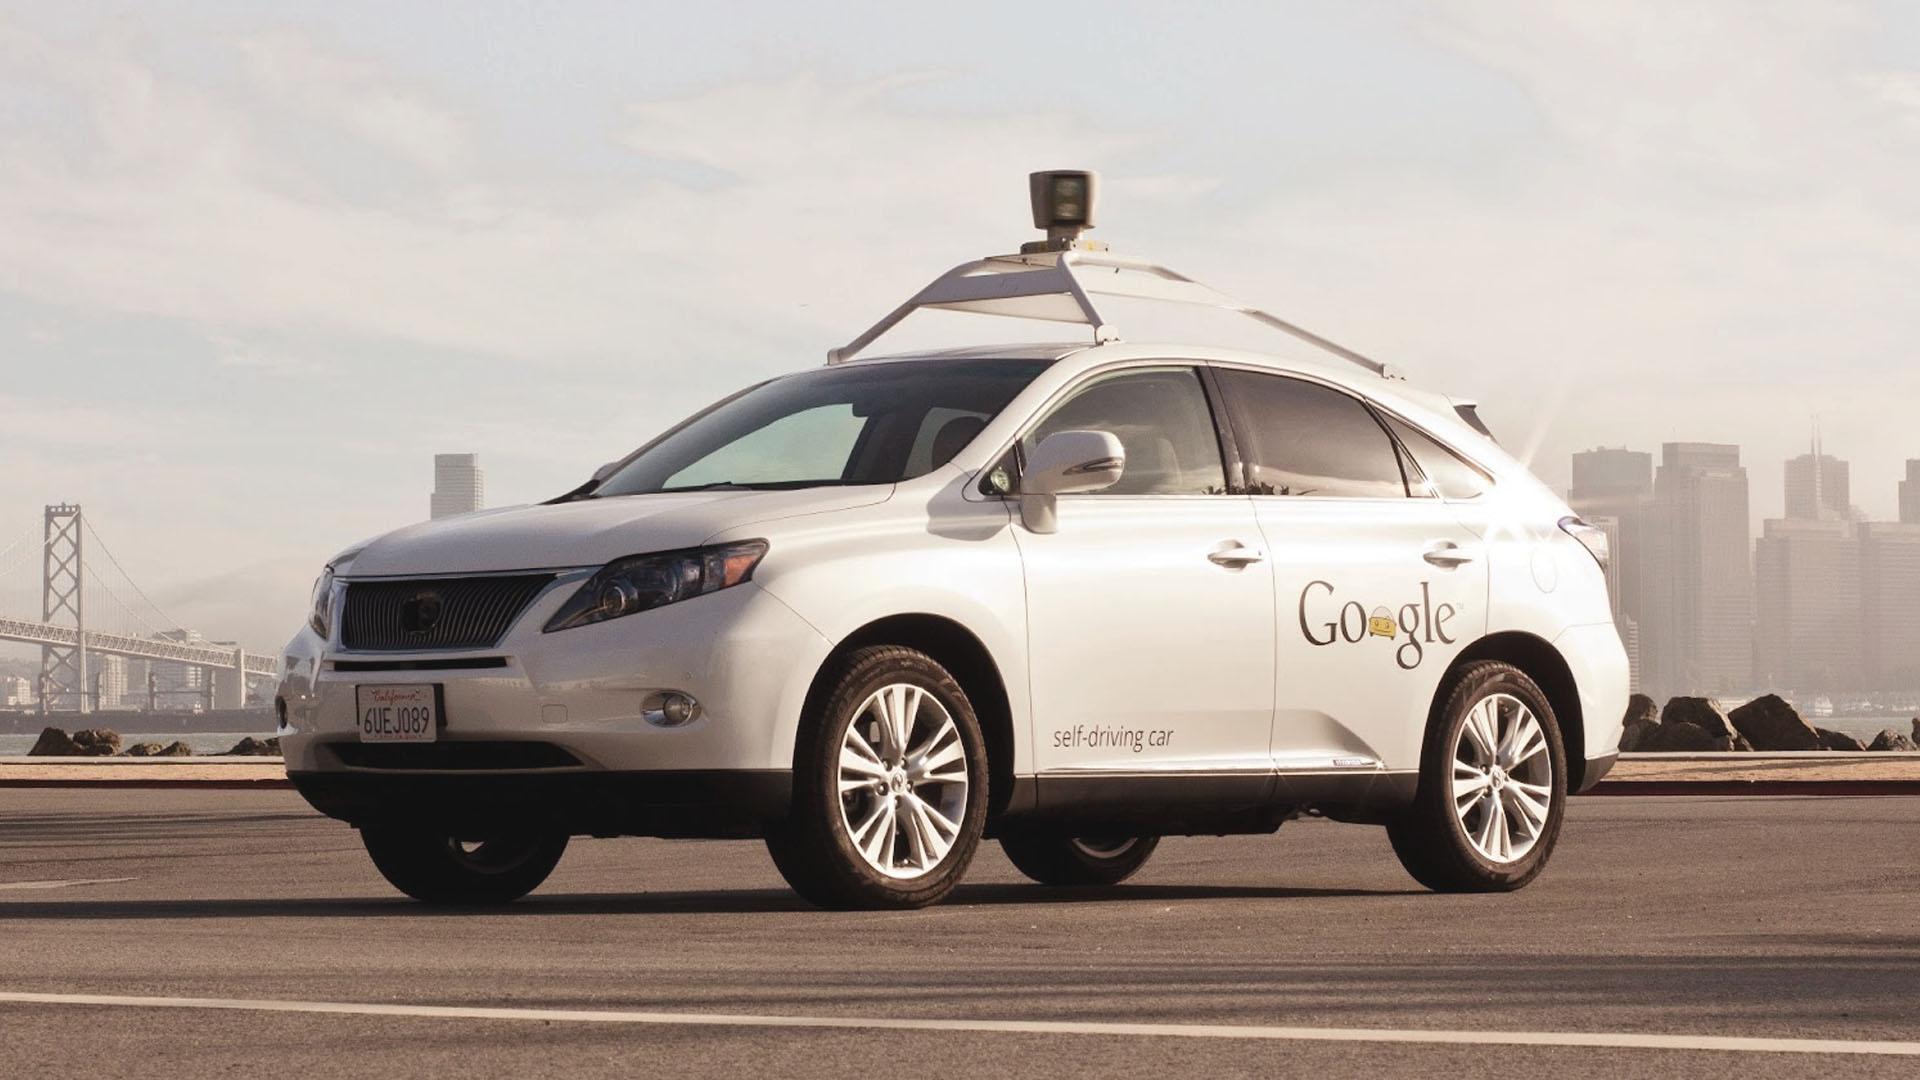 Carros autônomos: Saiba tudo sobre essa tendência